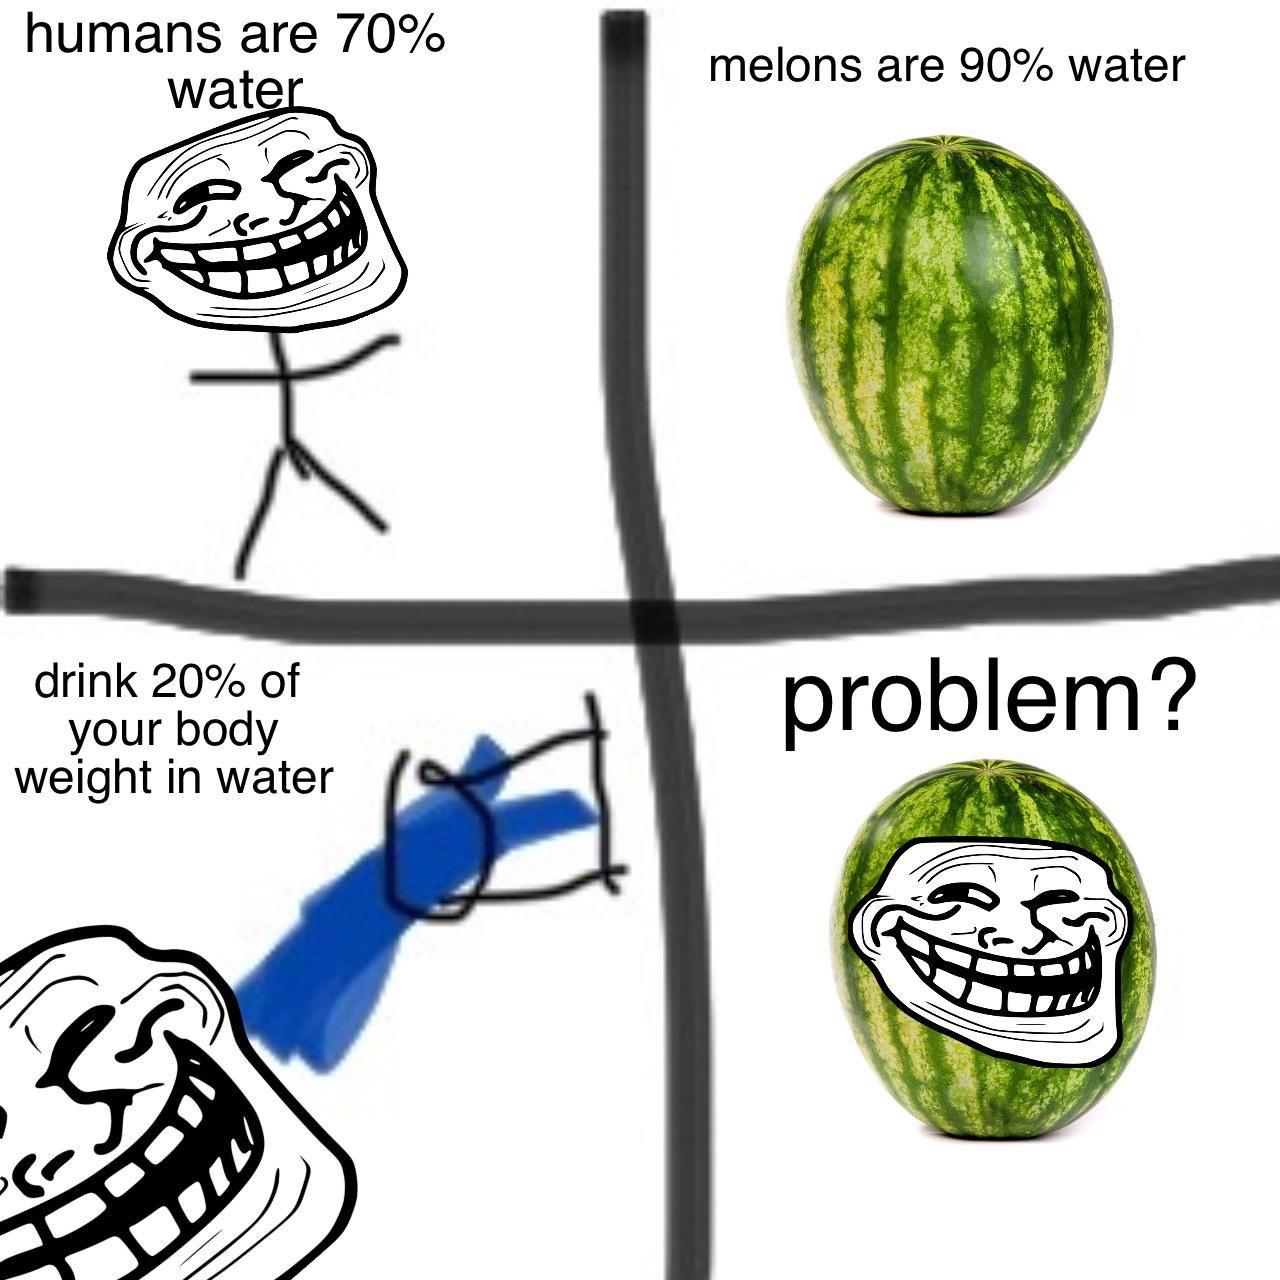 Some good ol' fashioned troll physics